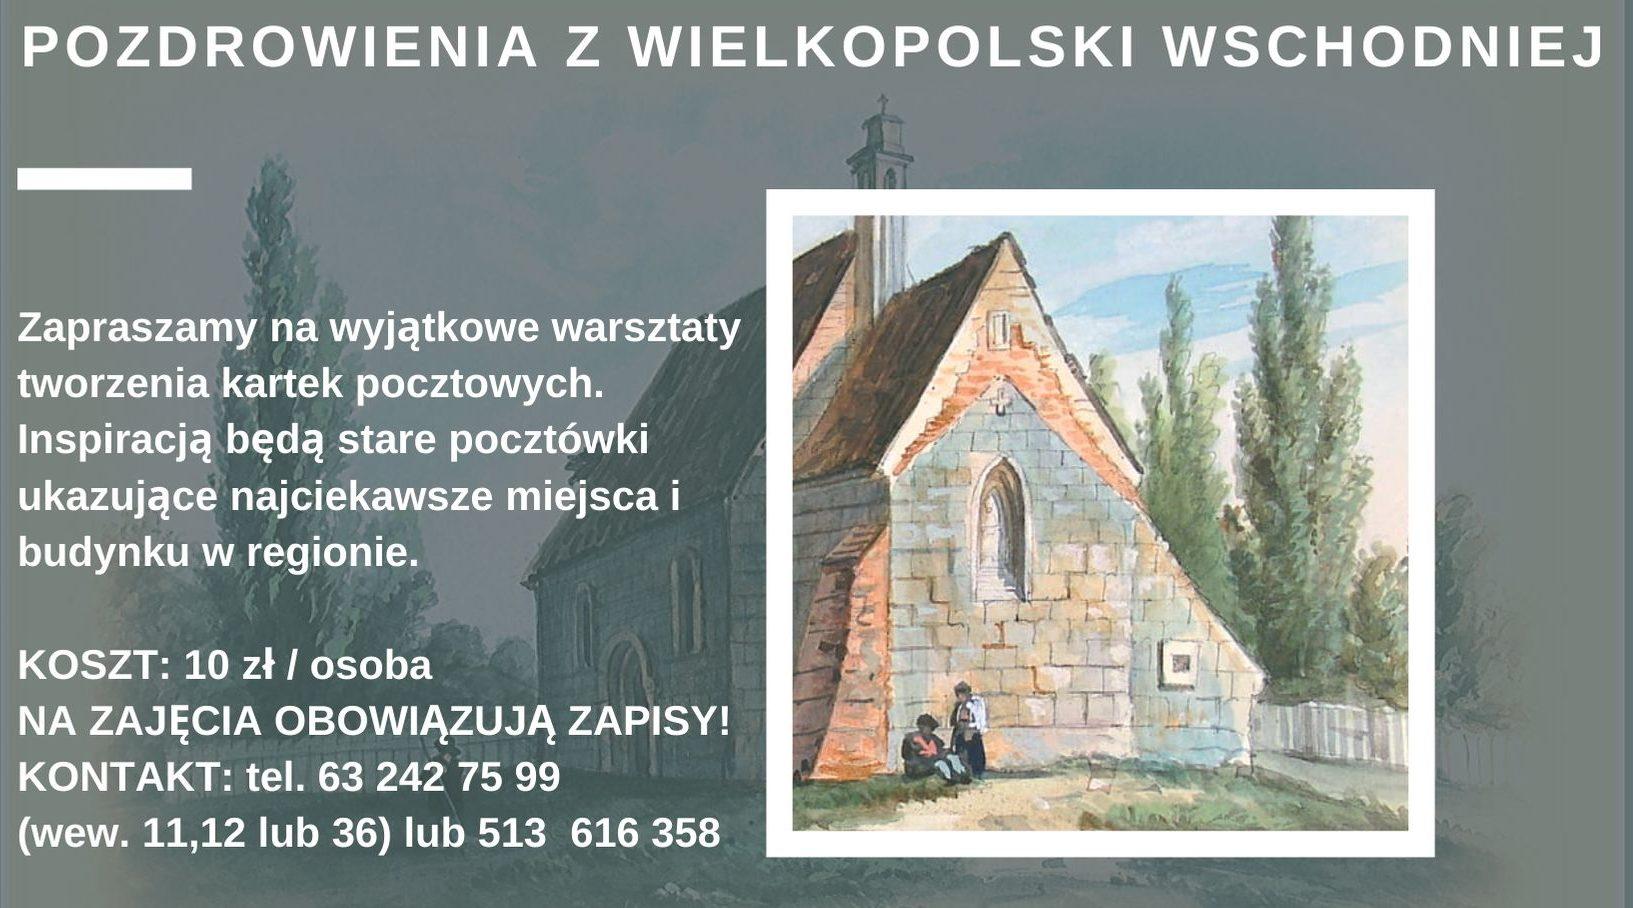 Pozdrowienia z Wielkopolski Wschodniej! Nowe warsztaty